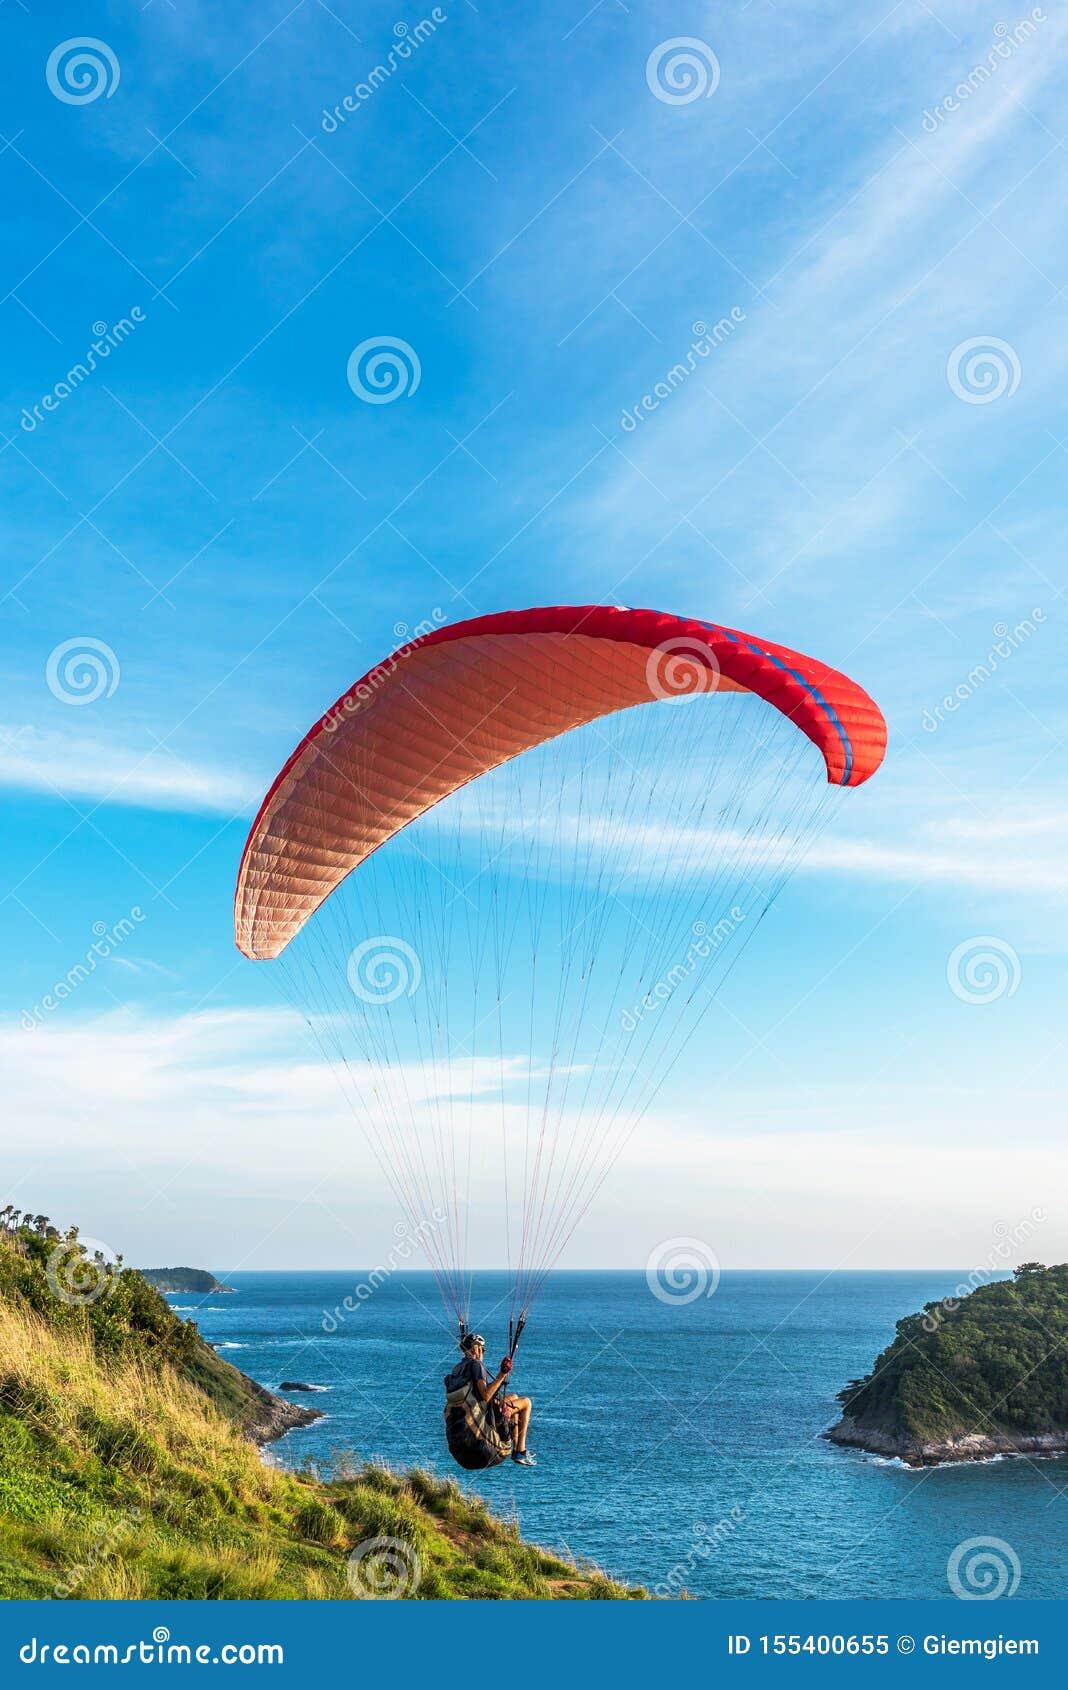 Ακραίος αθλητισμός ανεμόπτερου, ανεμόπτερο που πετούν στο μπλε ουρανό και άσπρο σύννεφο στη θερινή ημέρα στη θάλασσα Phuket, Ταϊλ